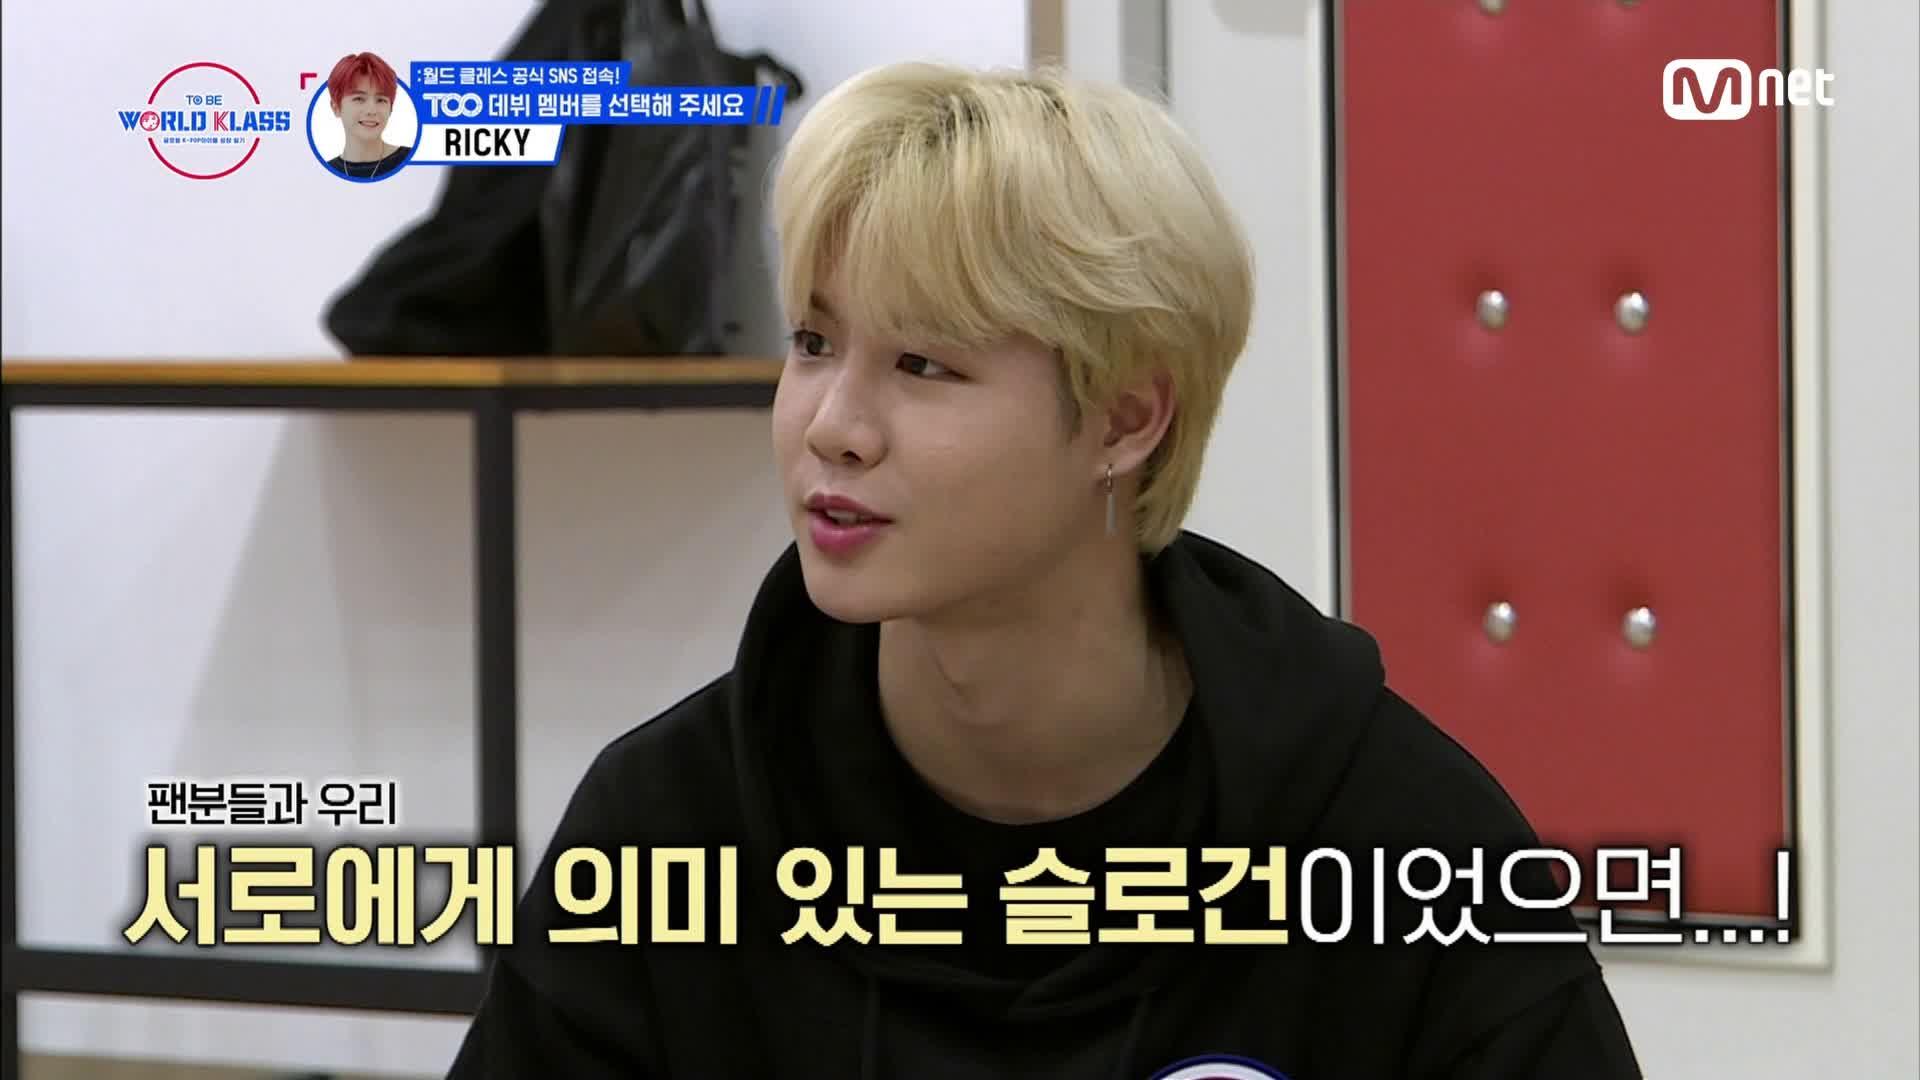 [최종회] '스윗 점수 만점♥' 클래스 팀이 팬들에게 전하는 작은 보답